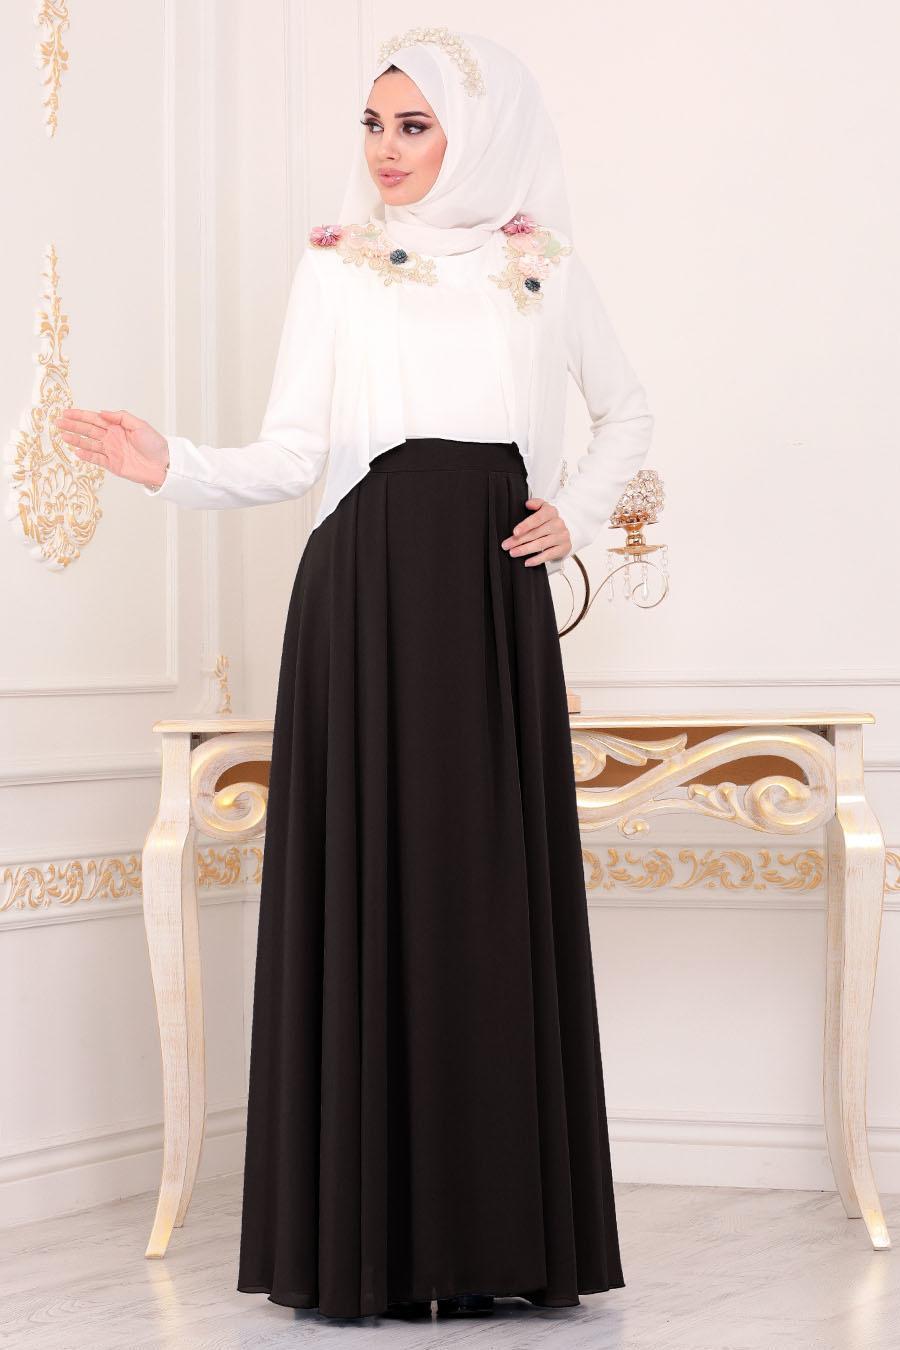 Tesettürlü Abiye Elbise - Çiçek Detaylı Siyah Tesettürlü Abiye Elbise 8619S